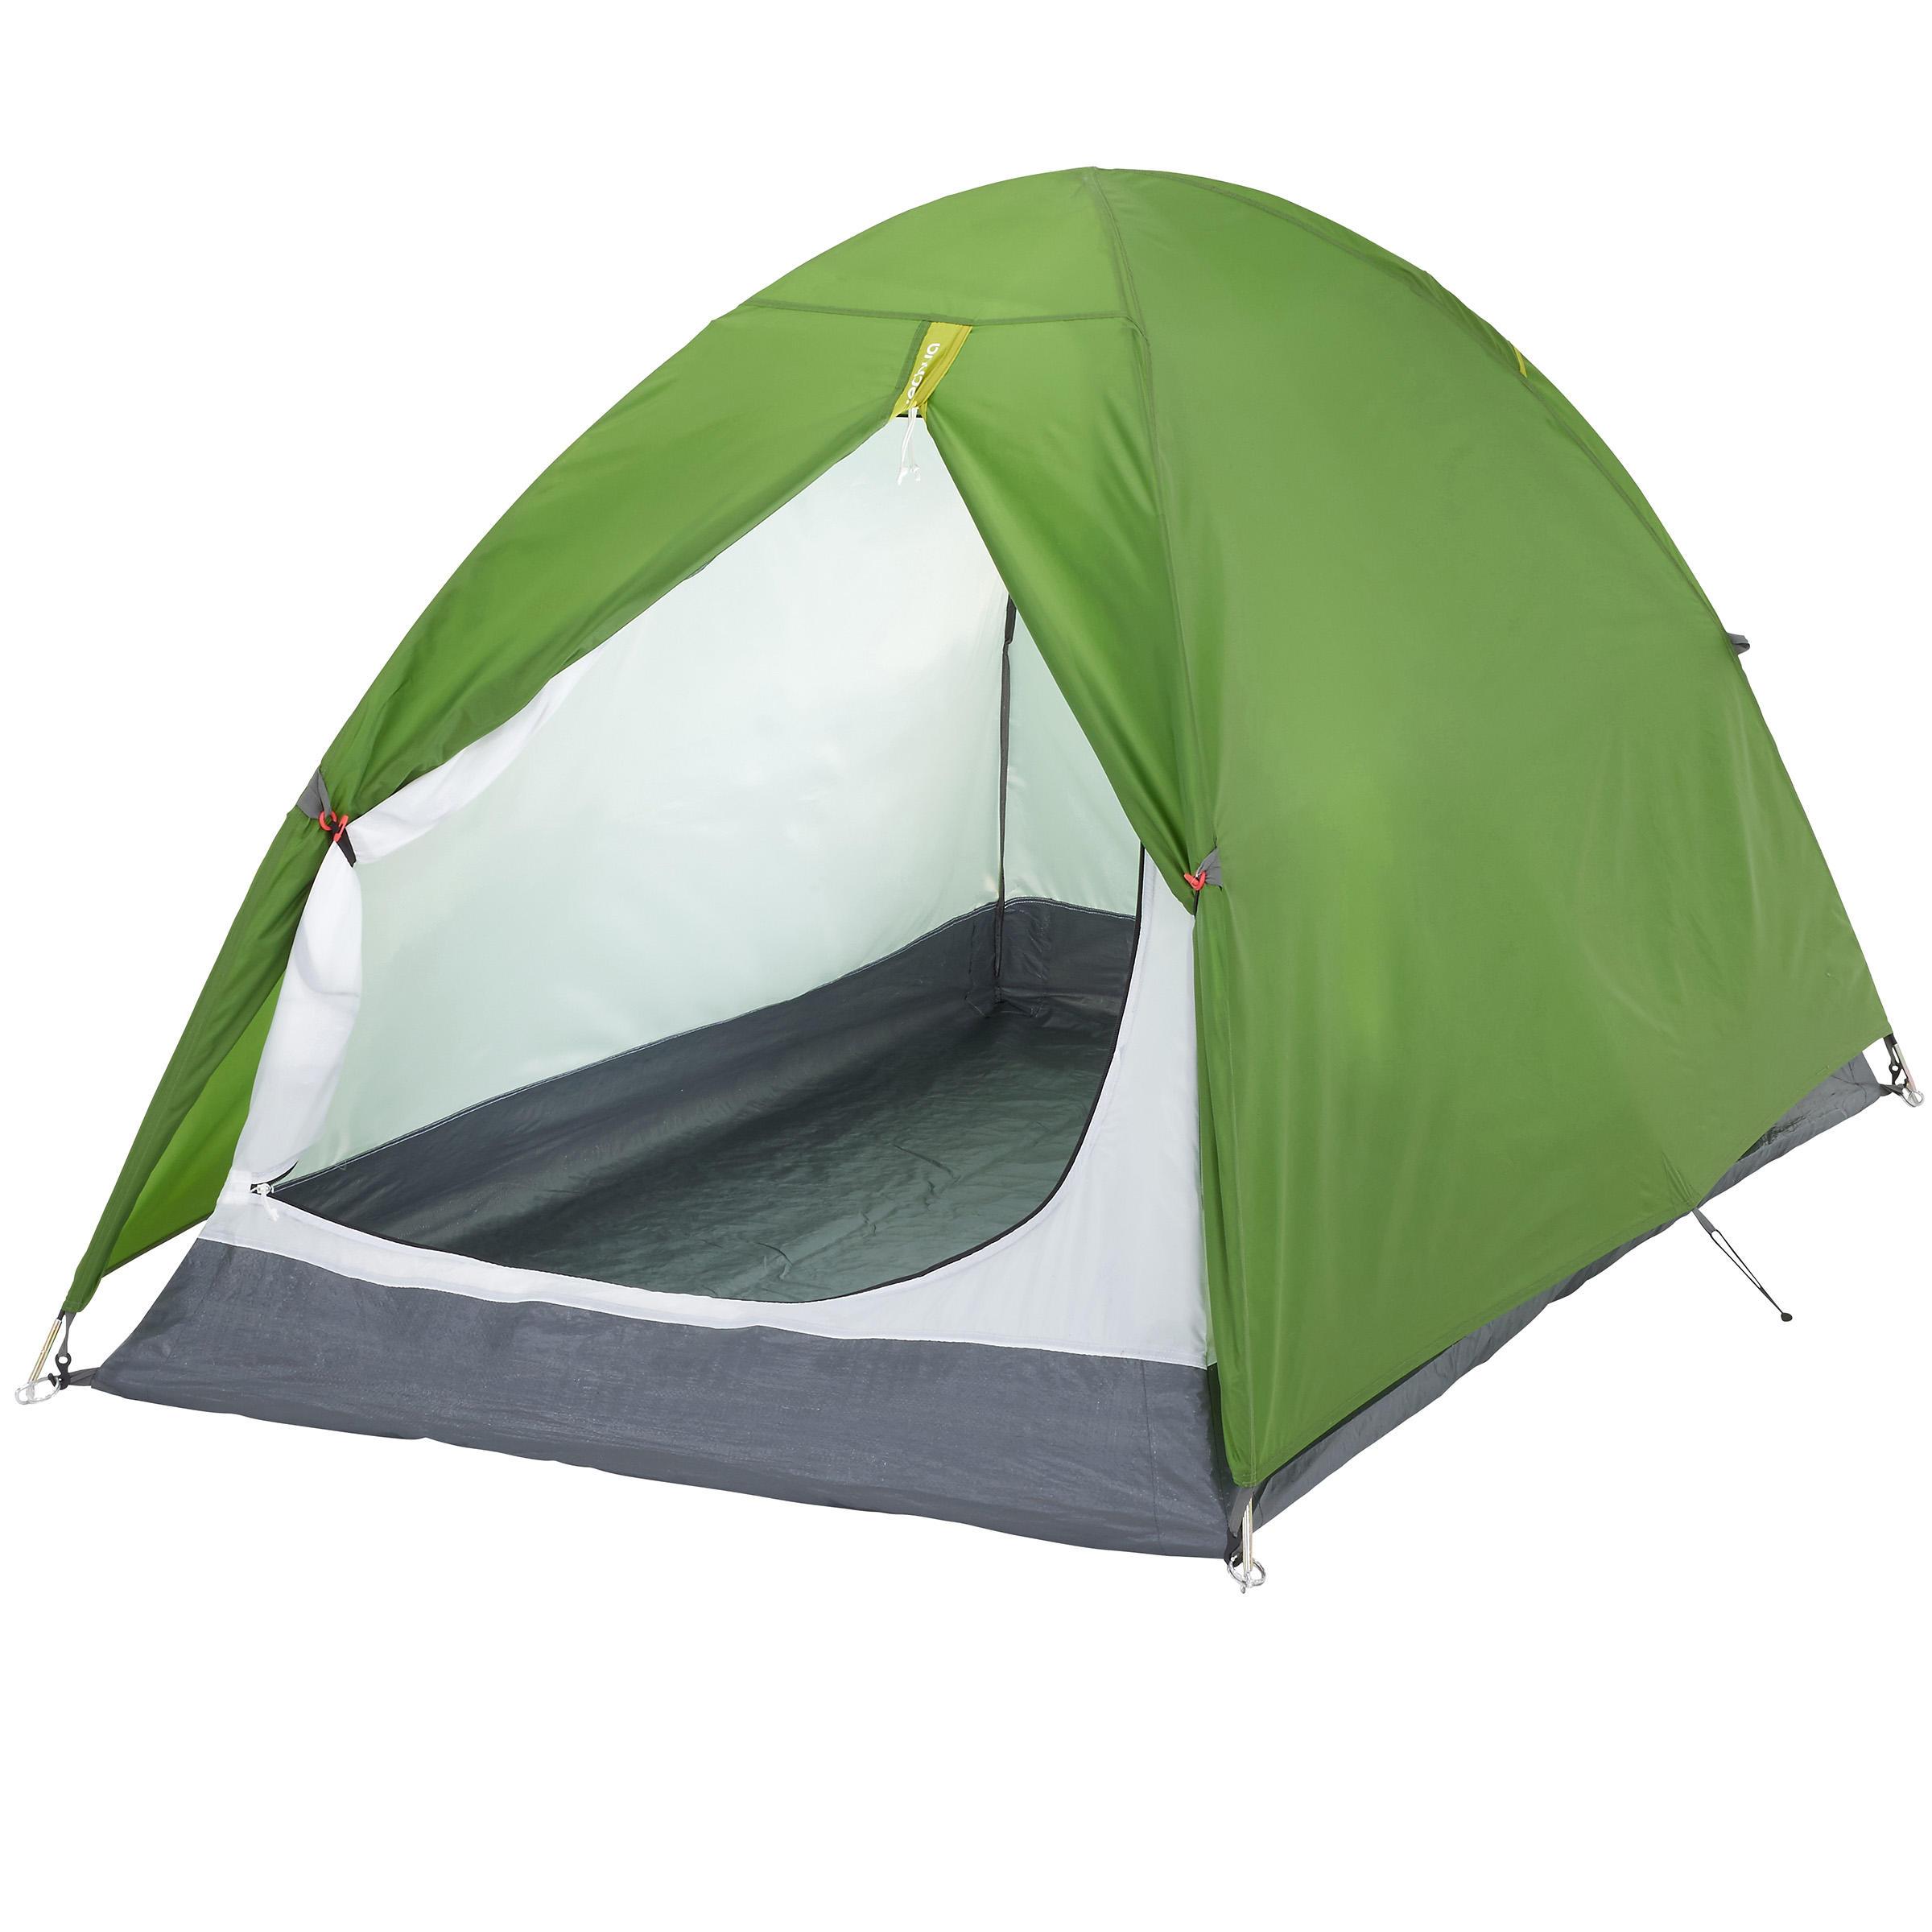 zelt f r 2 personen camping arpenaz quechua decathlon. Black Bedroom Furniture Sets. Home Design Ideas